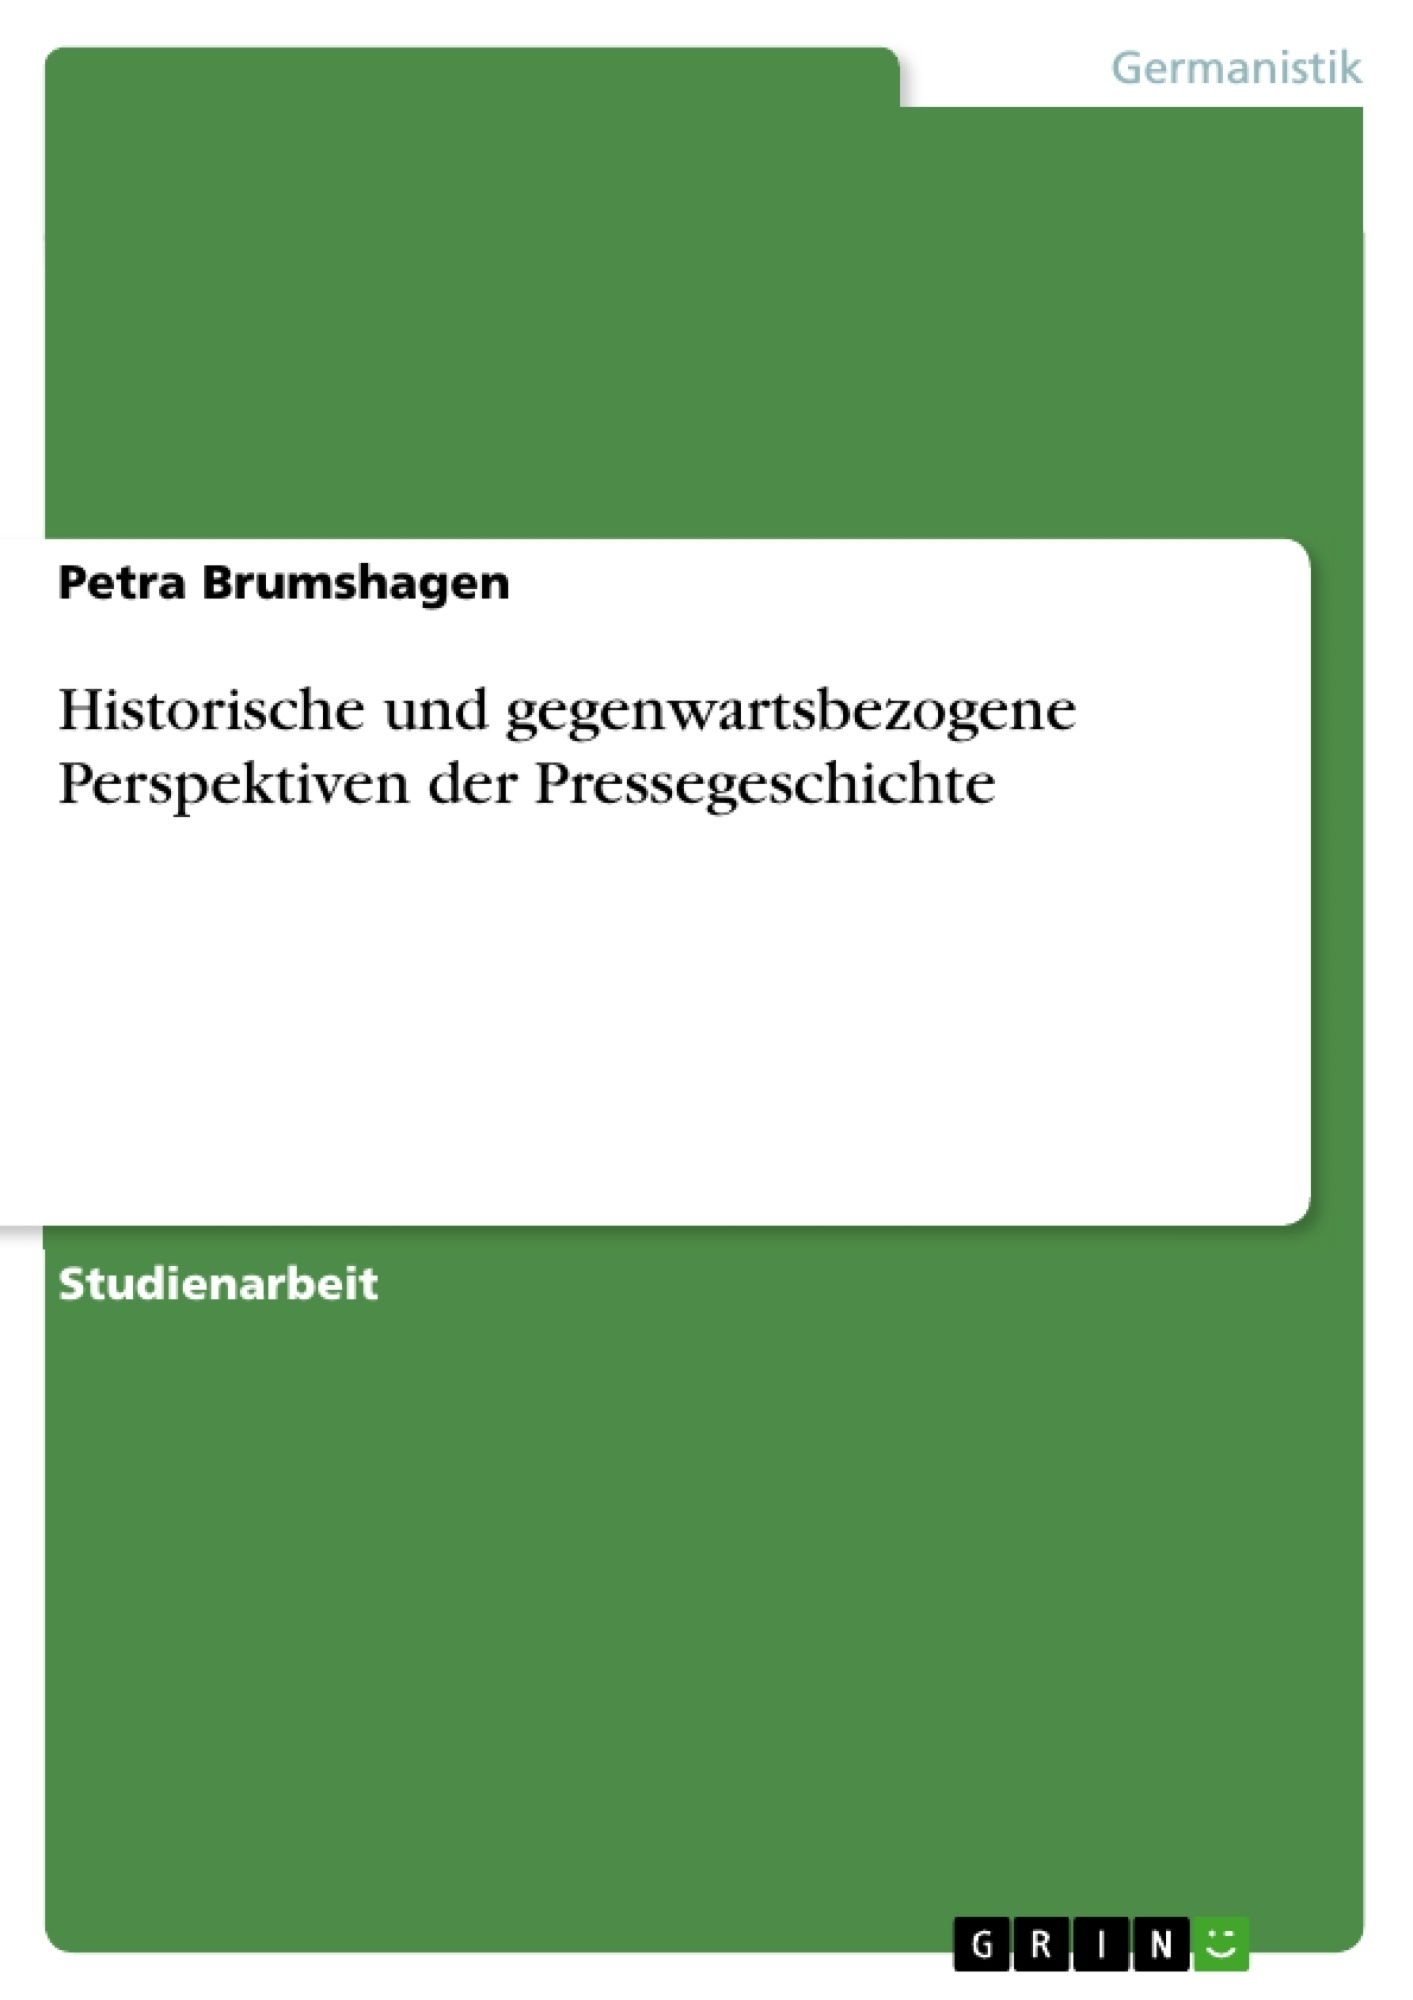 Titel: Historische und gegenwartsbezogene Perspektiven der Pressegeschichte